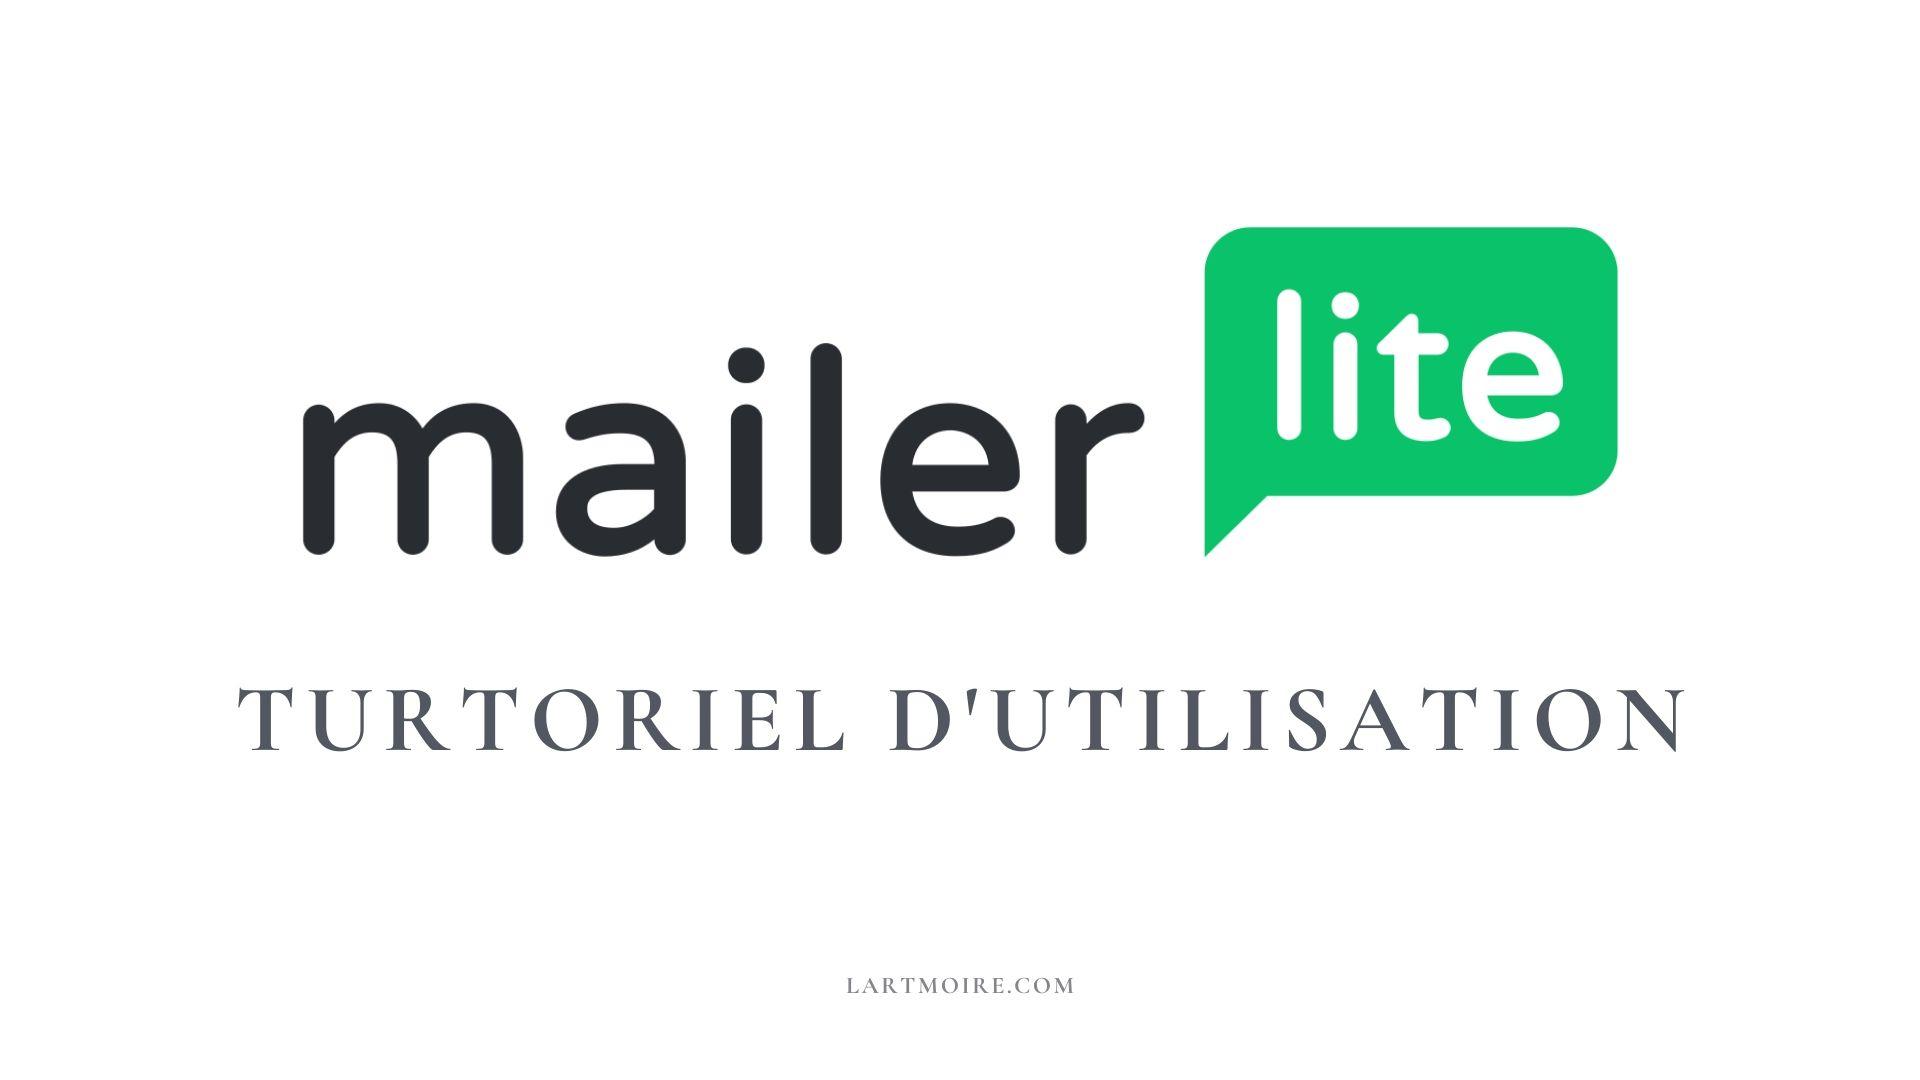 Mailerlite tutoriel d'utilisation